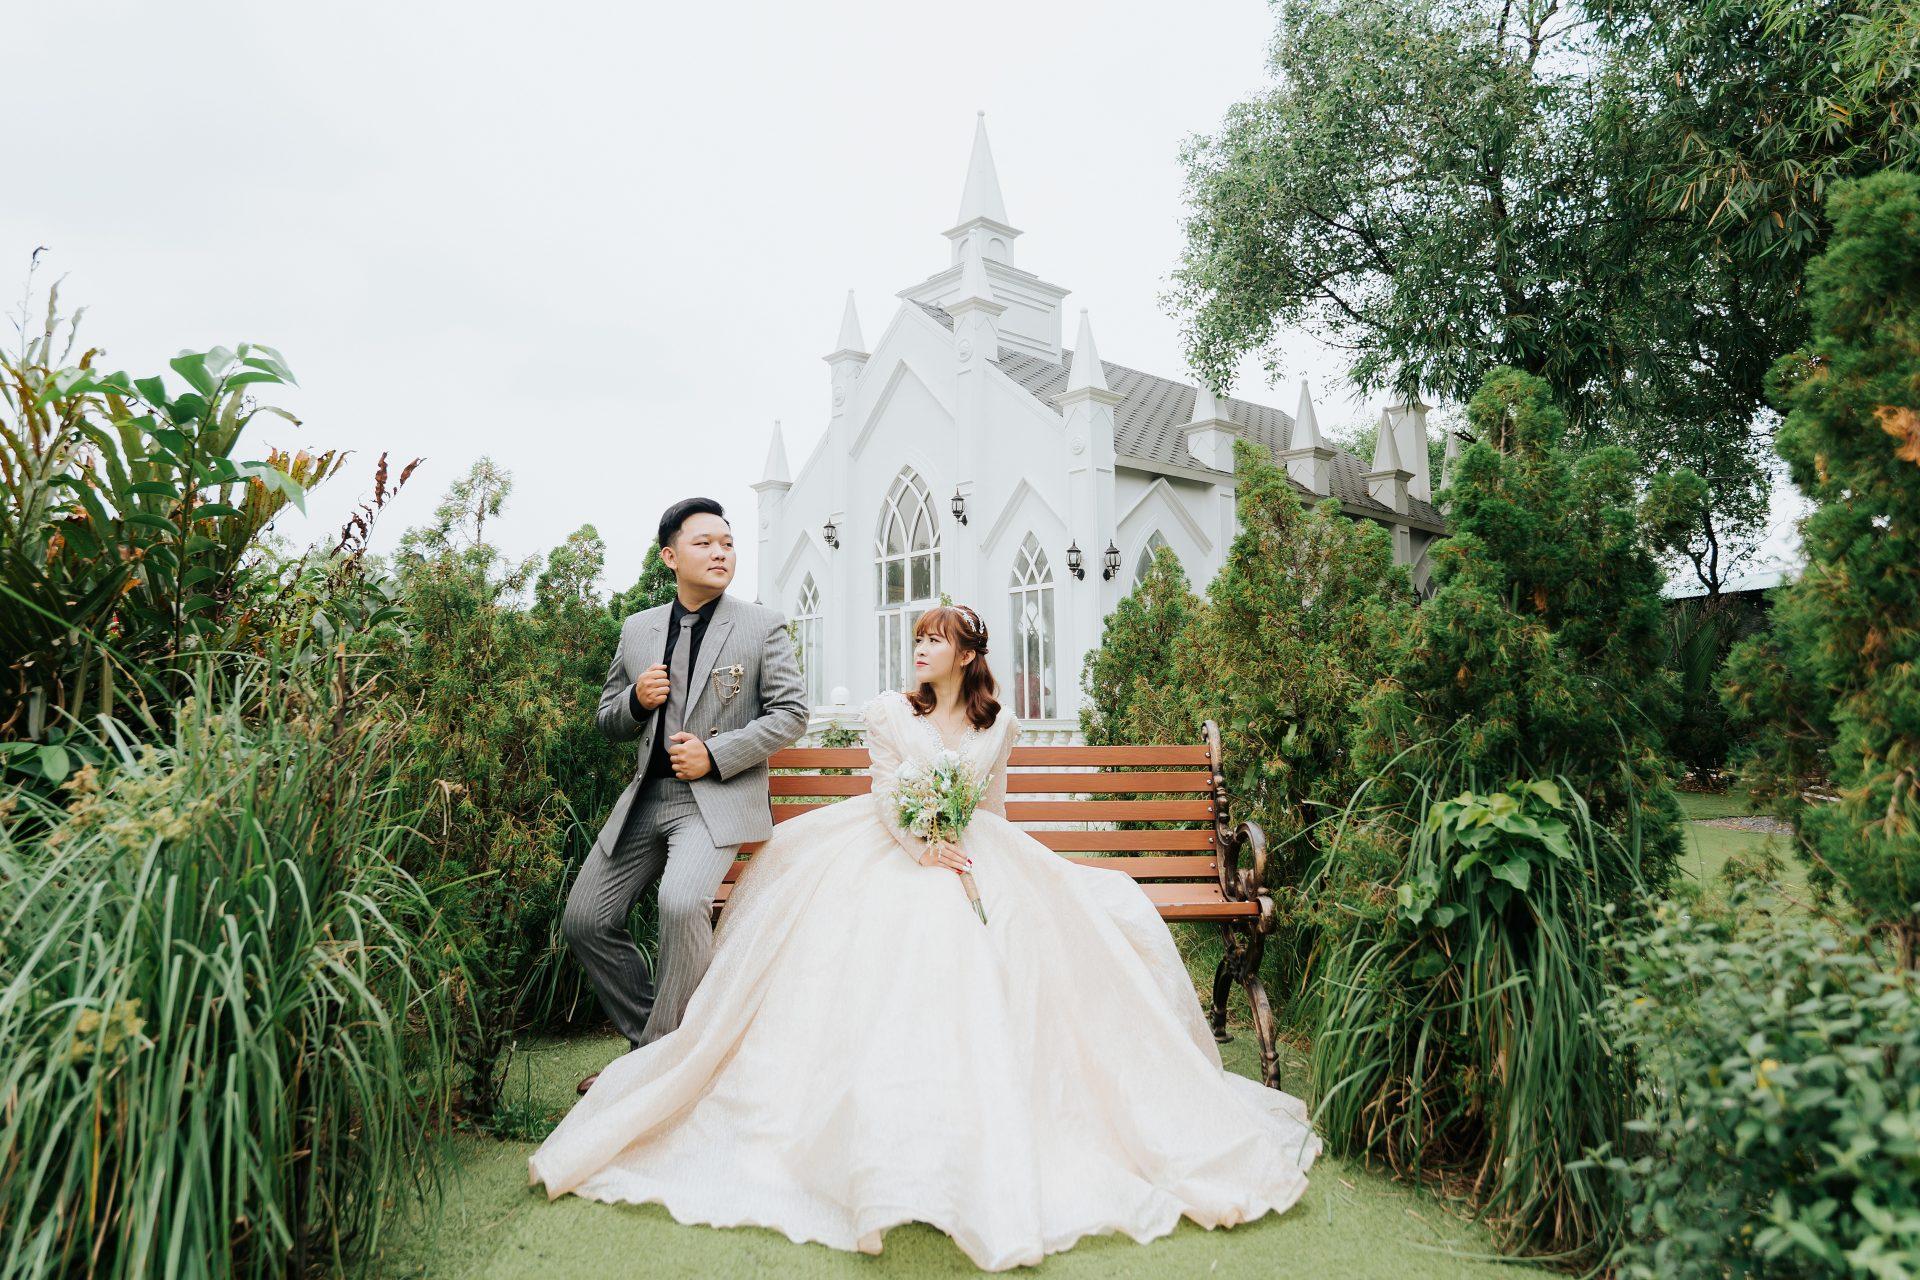 chụp hình cưới ở đâu đẹp